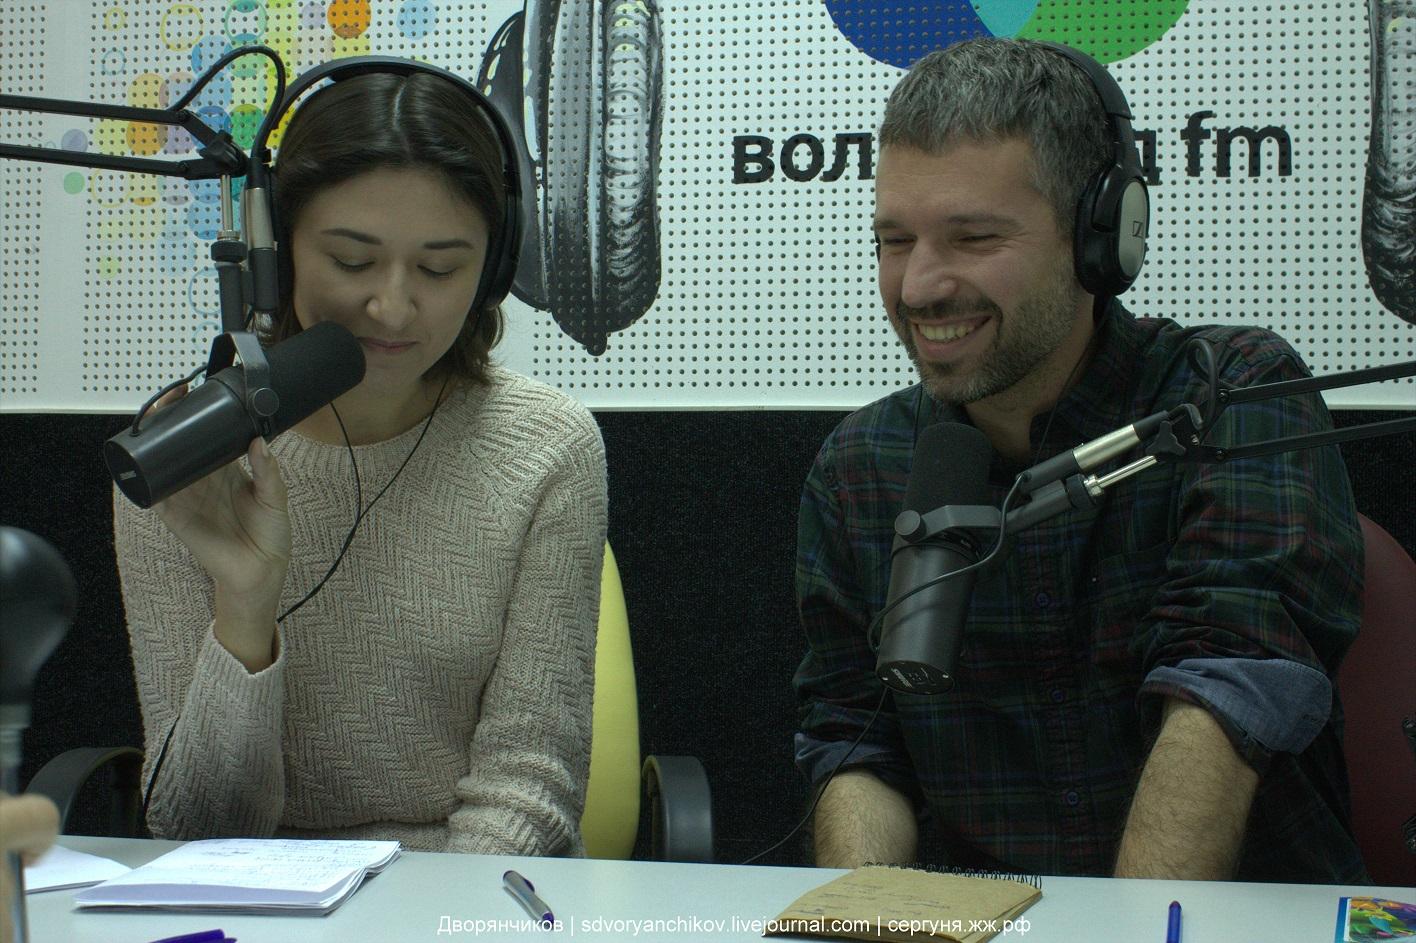 Школа радио - Интерактив - 15 ноября 2016